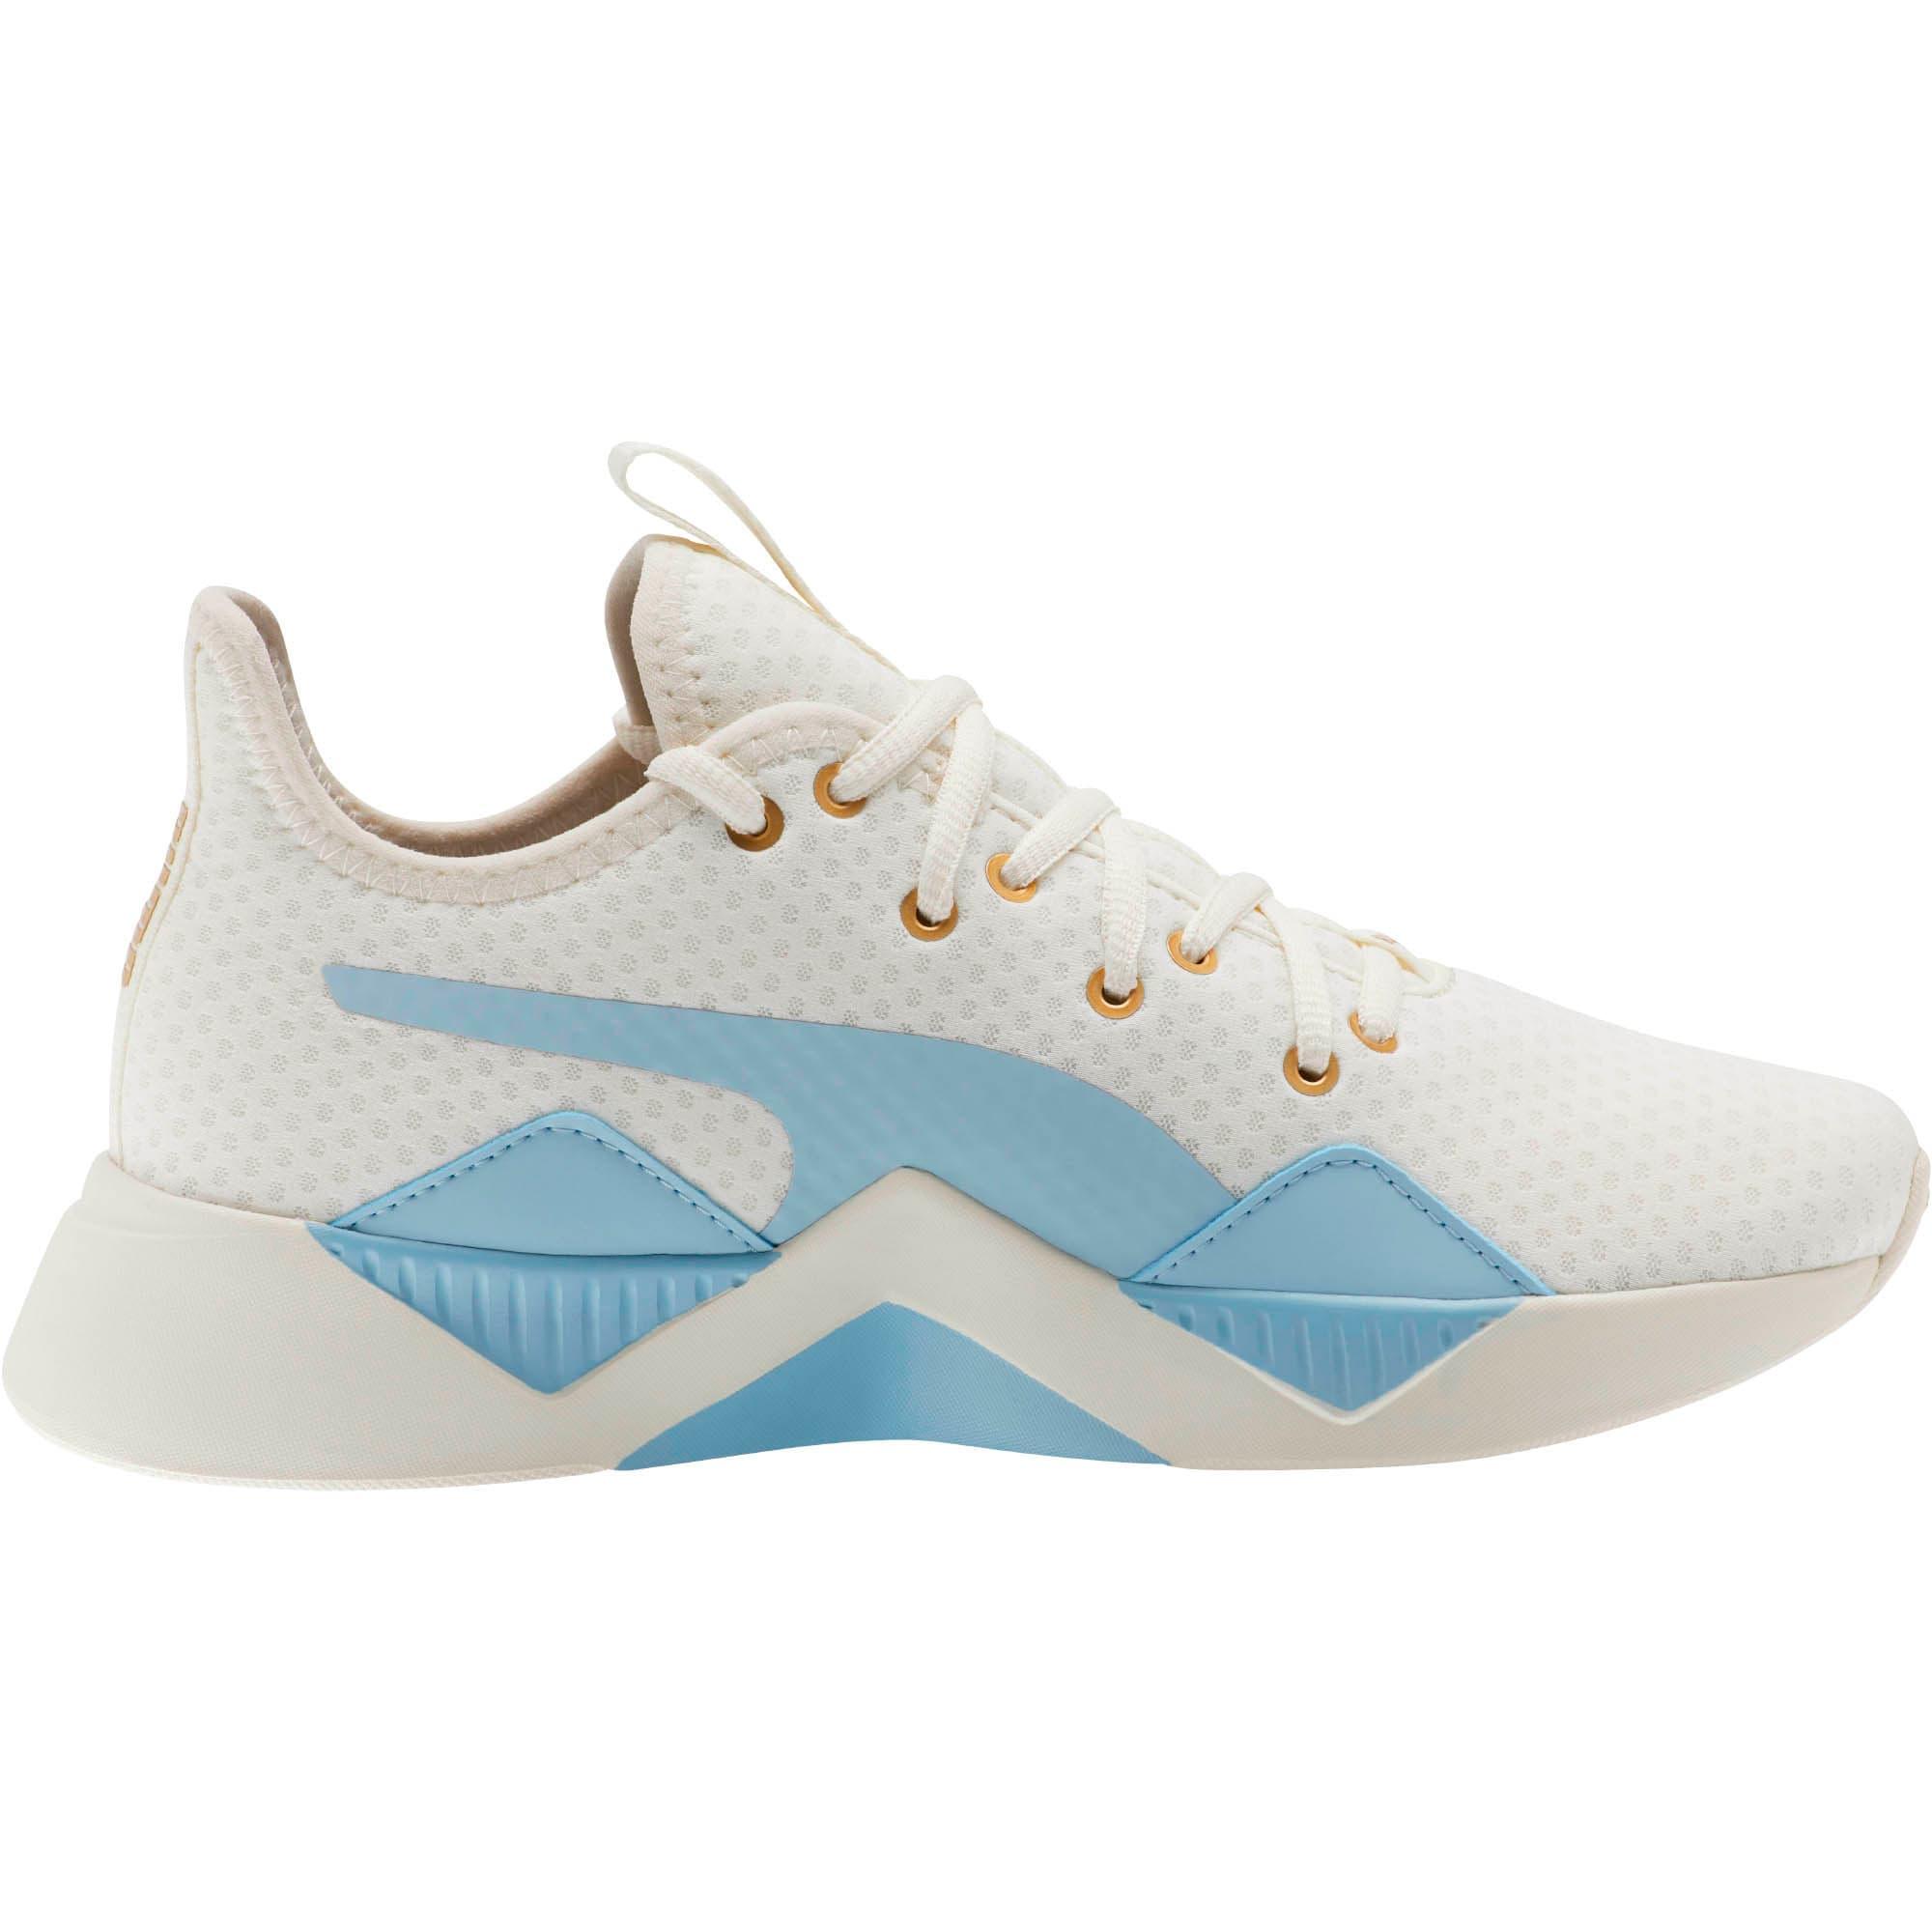 Thumbnail 4 of Incite Sweet Women's Training Shoes, Whisper White-Light Sky, medium